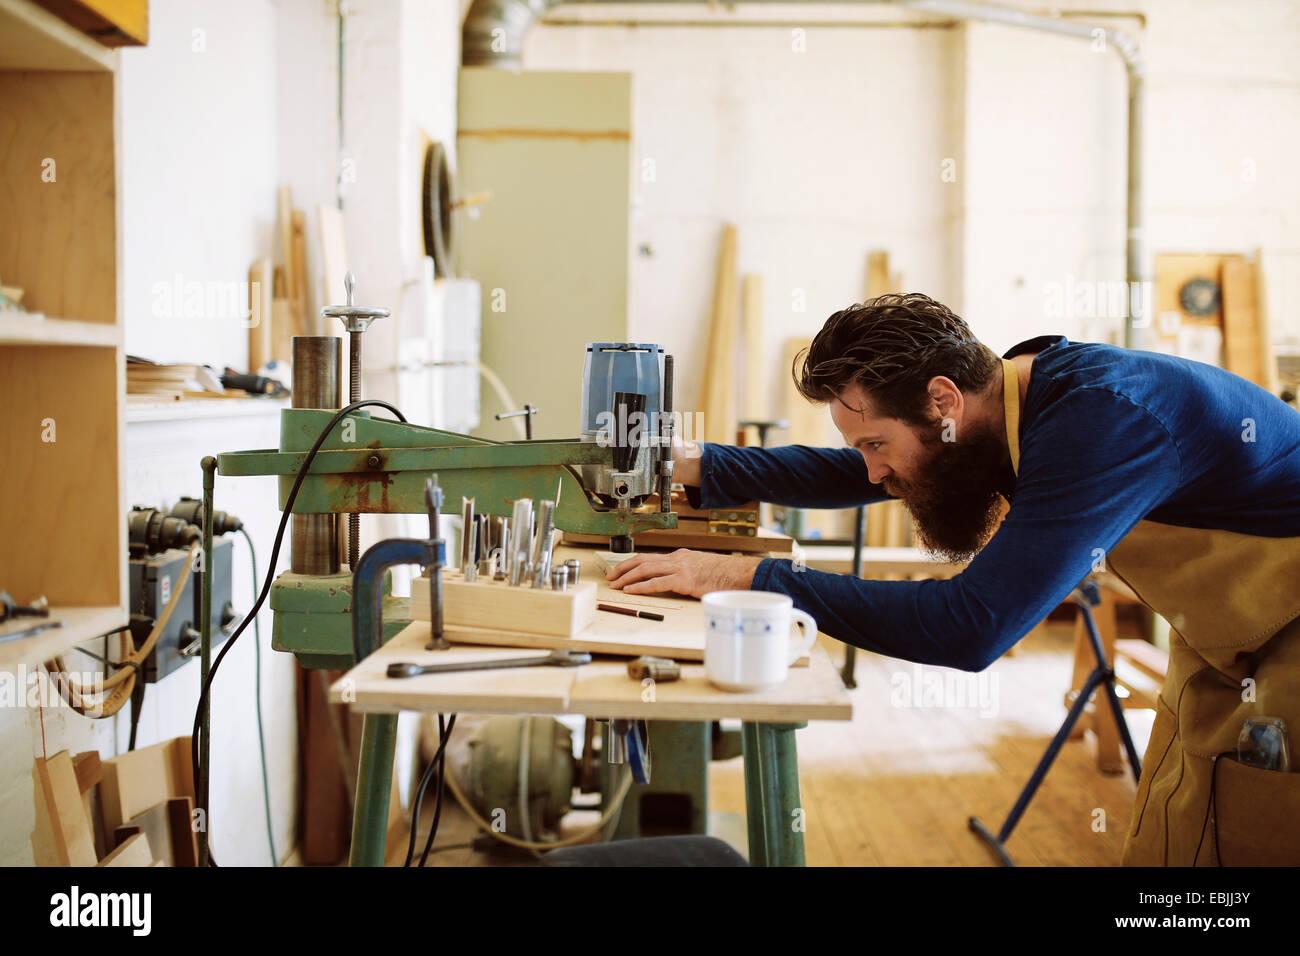 Adulto medio artesano utilizando la máquina en el taller de órgano de tubos Imagen De Stock